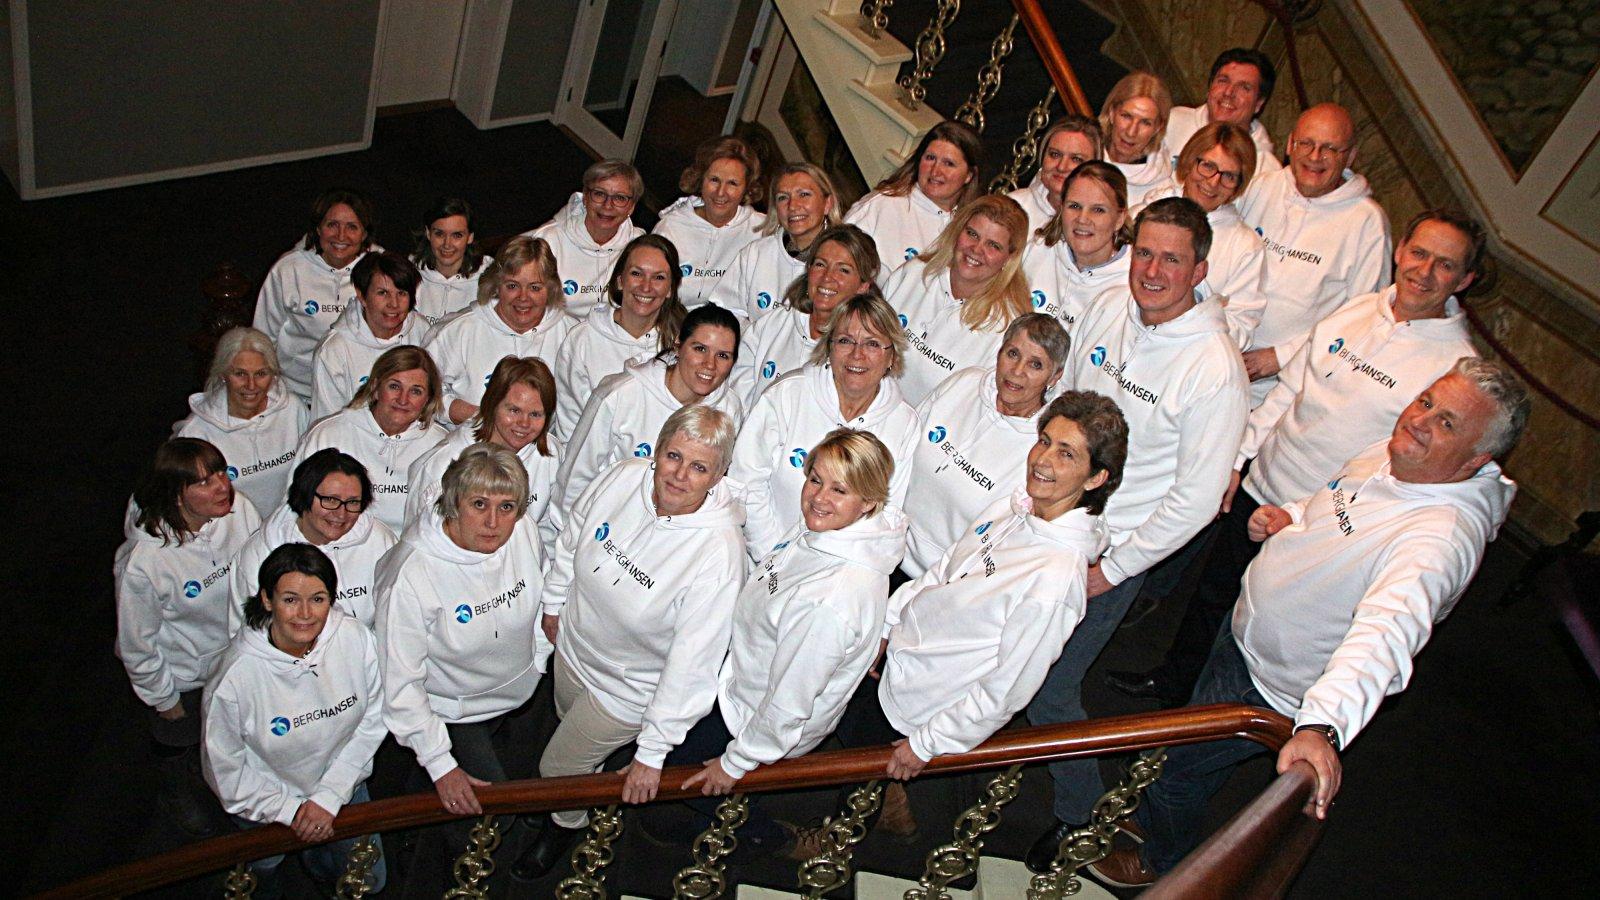 Berg-Hansens profesjonelle team av reiserådgivere.